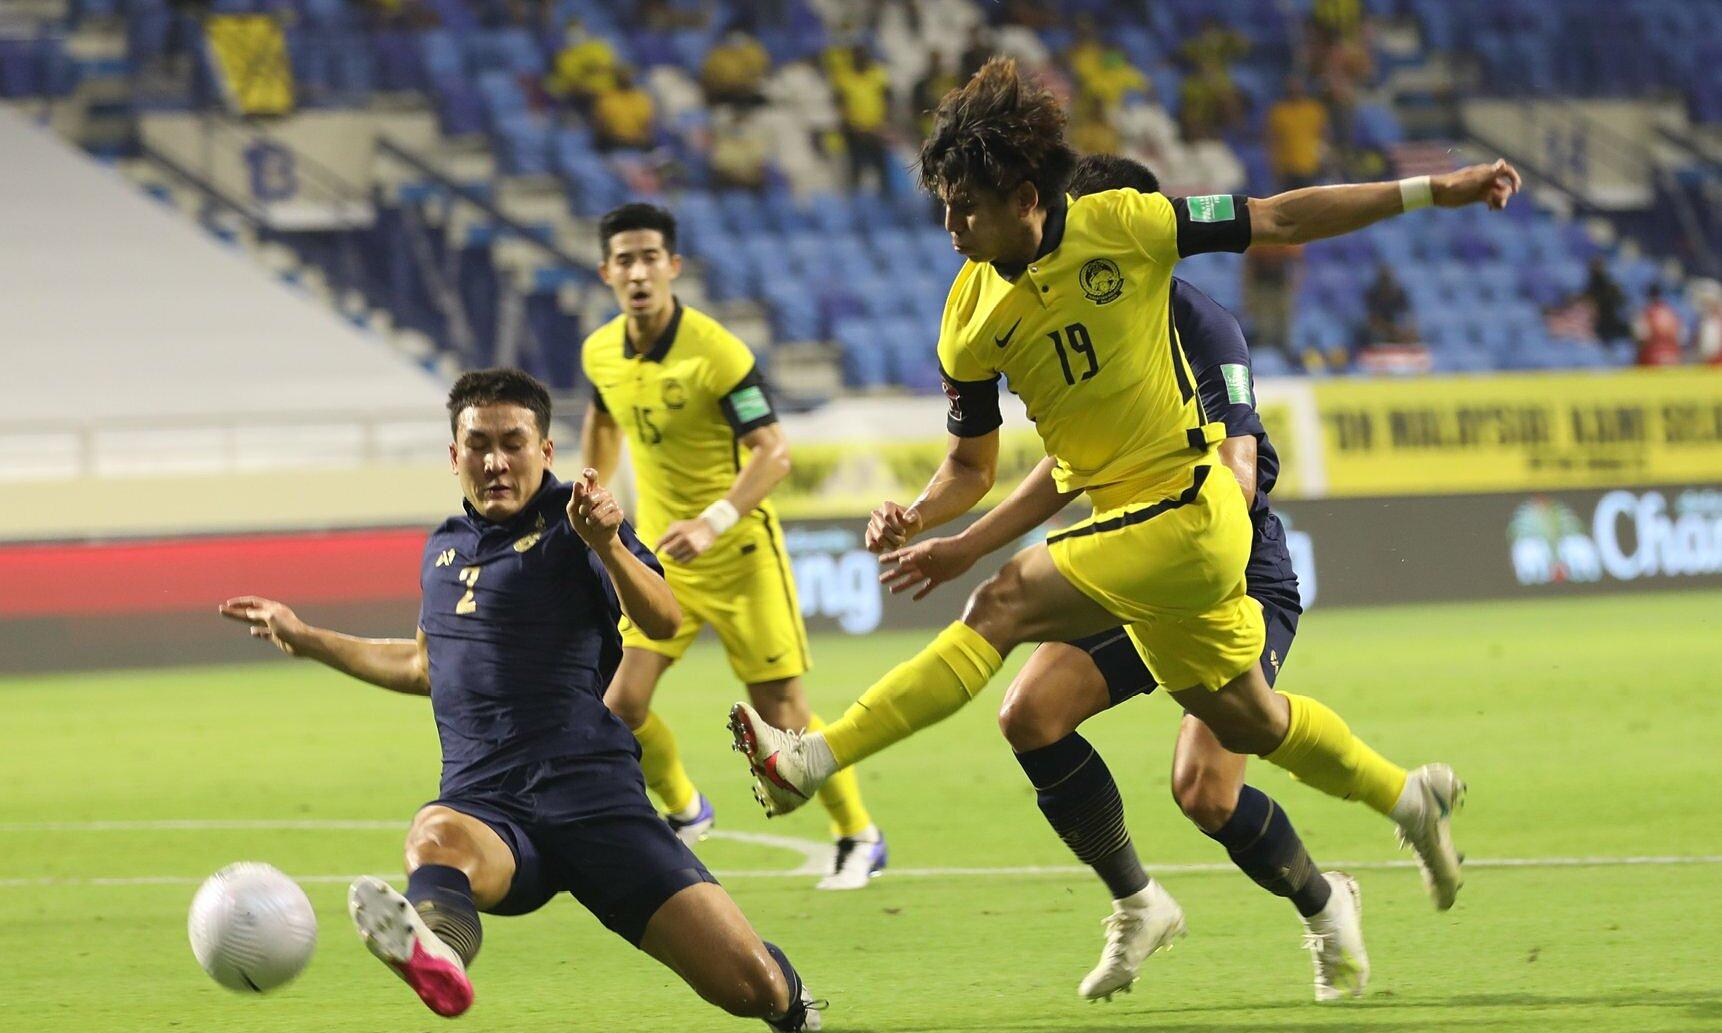 Malaysia đáng ra phải ghi được nhiều hơn một bàn, từ số cơ hội họ tạo ra. Ảnh: FAM